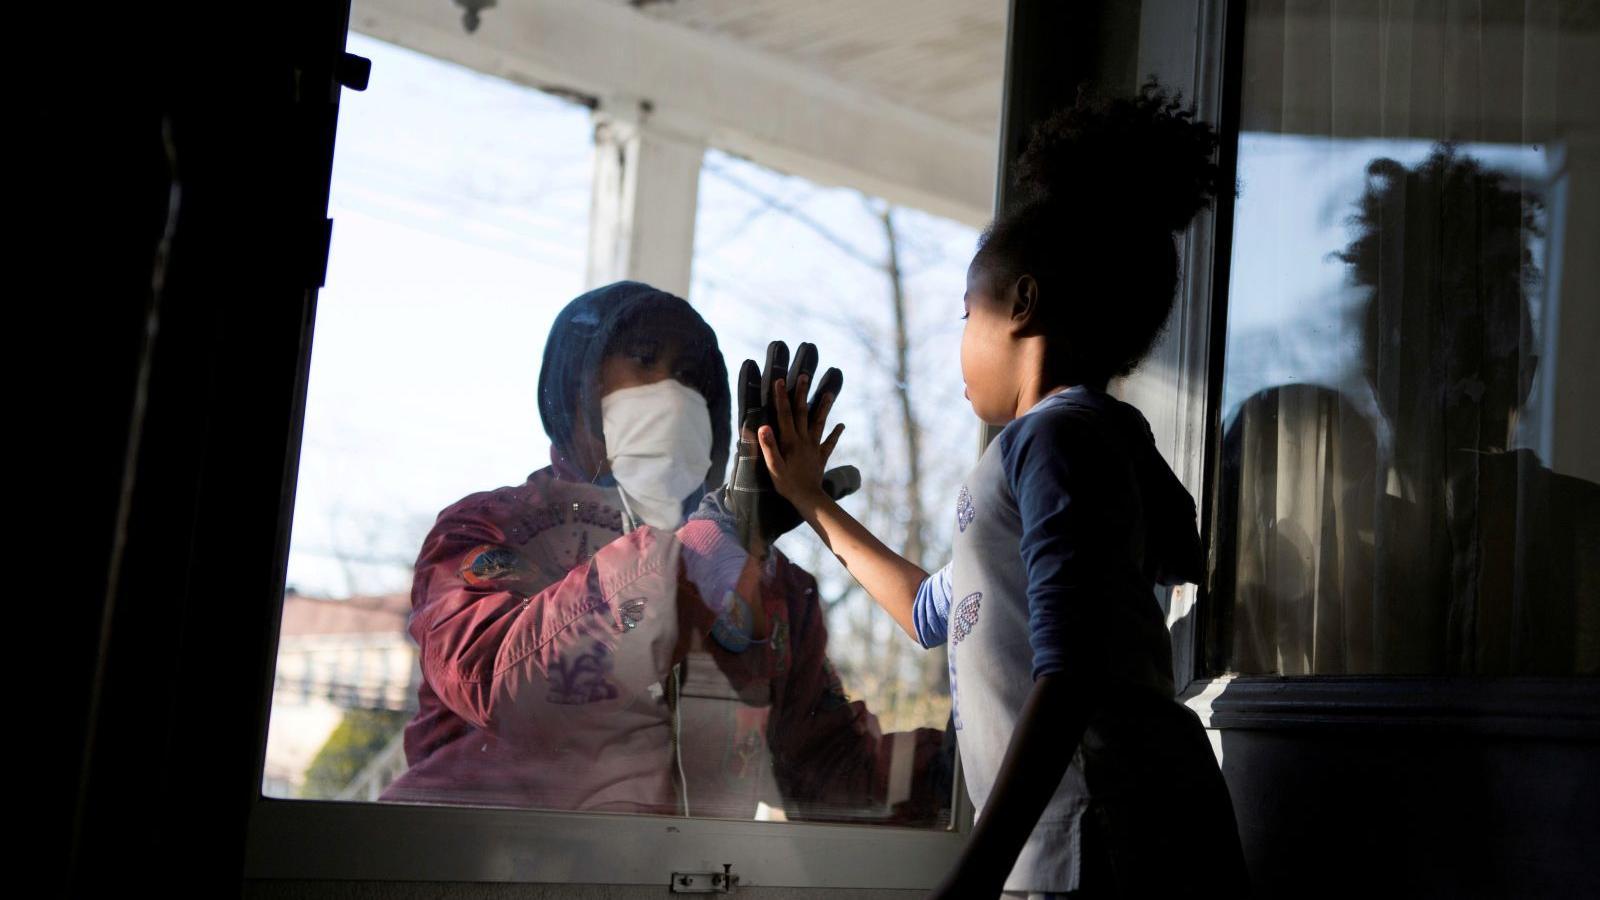 Dopady pandemie koronaviru po celém světě